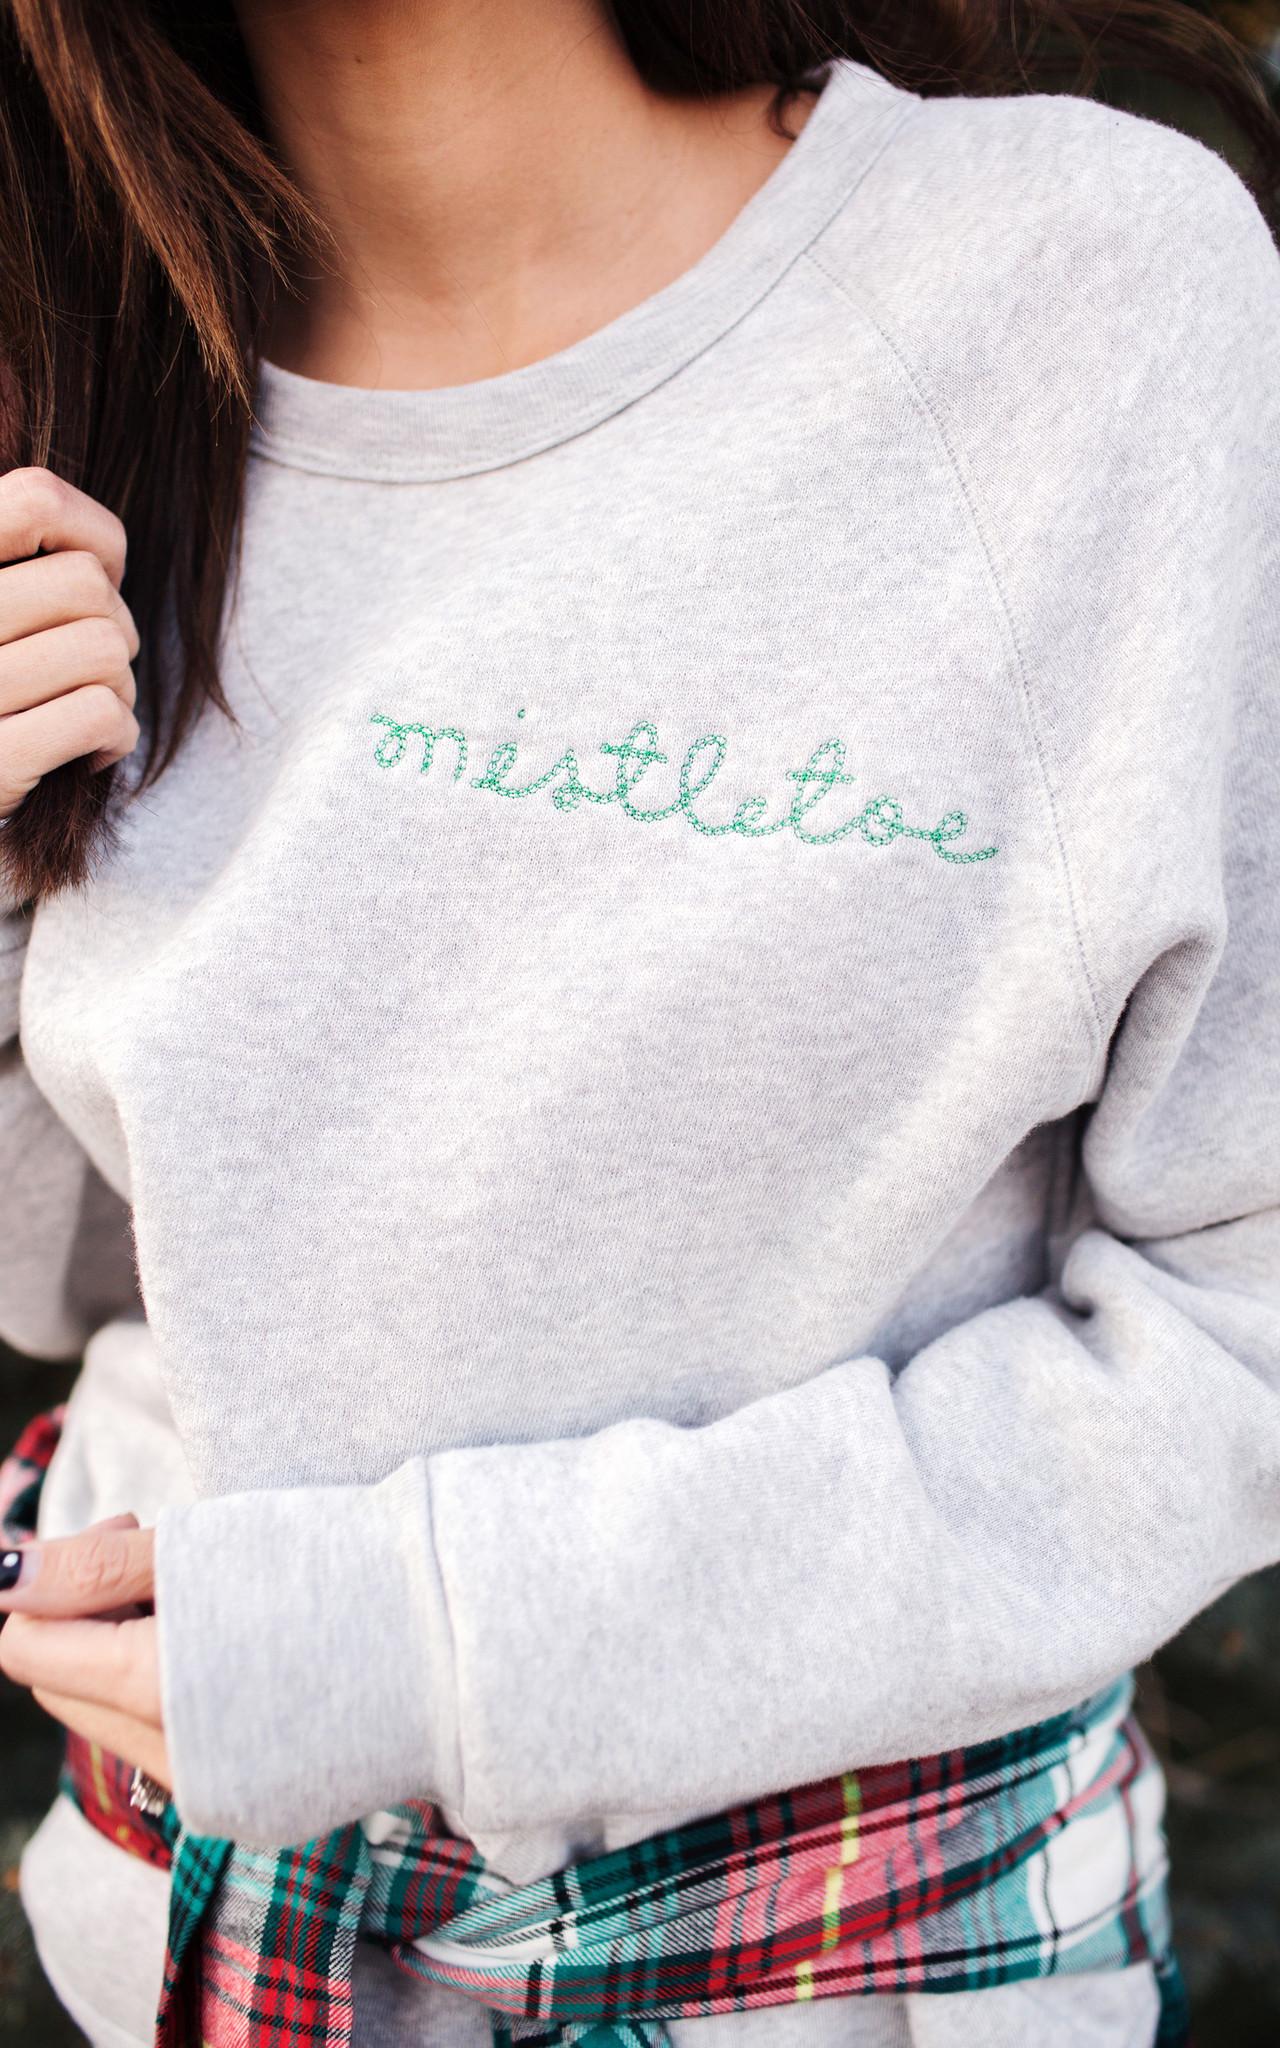 mistletoe_styled_USE.jpg